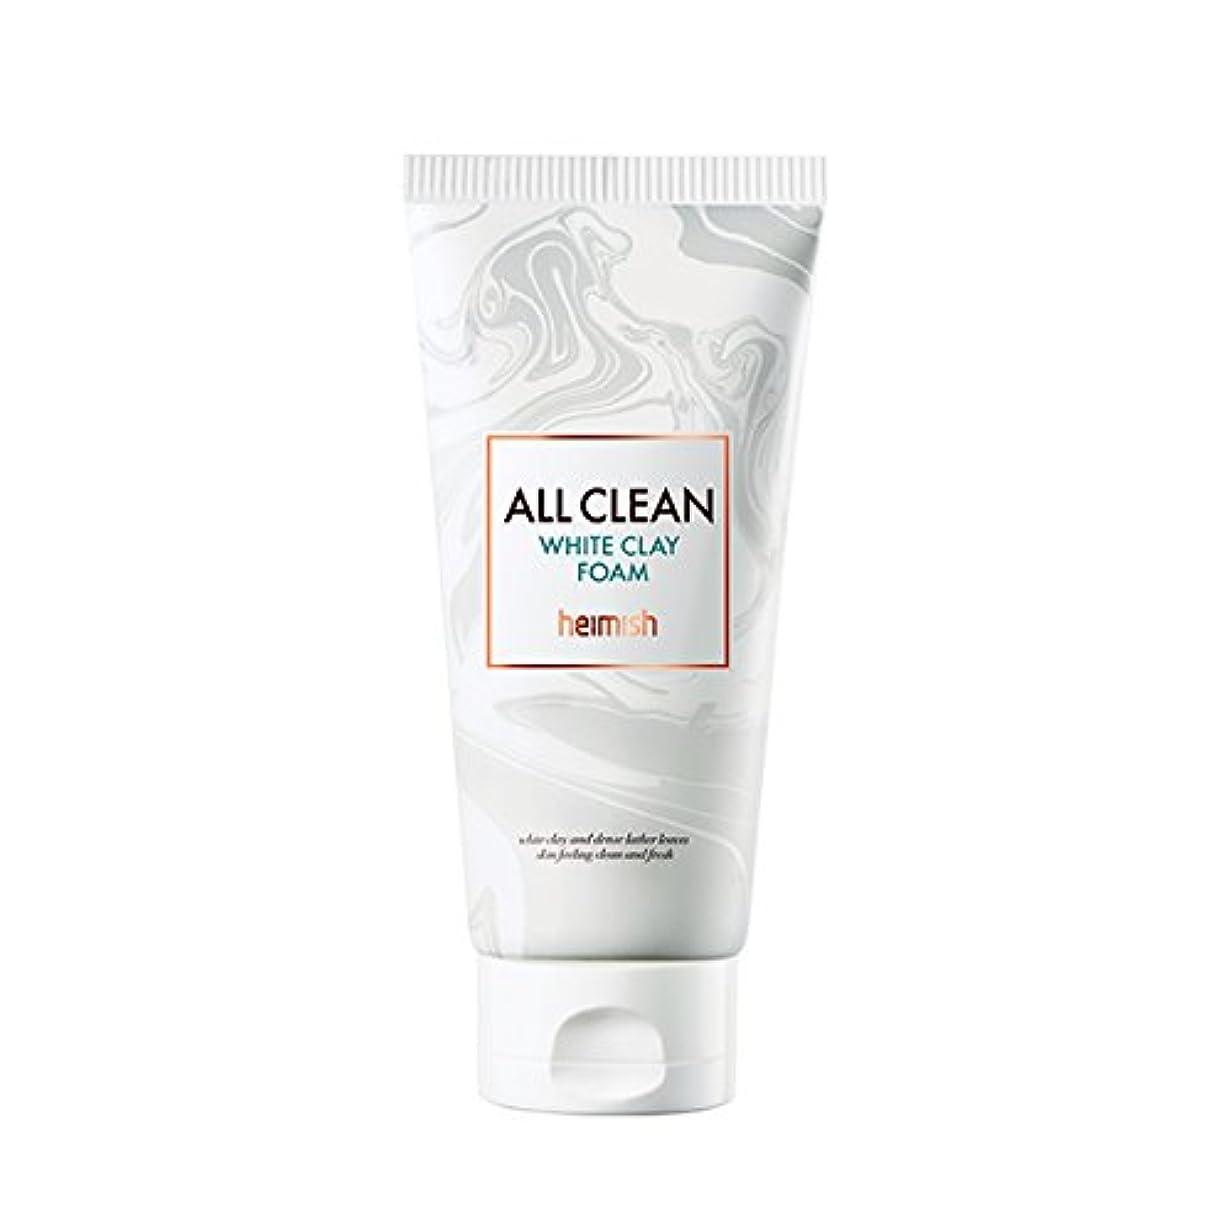 明日貼り直す気を散らすheimish All Clean White Clay Foam 150g/ヘイミッシュ オールクリーン ホワイト クレイ フォーム 150g